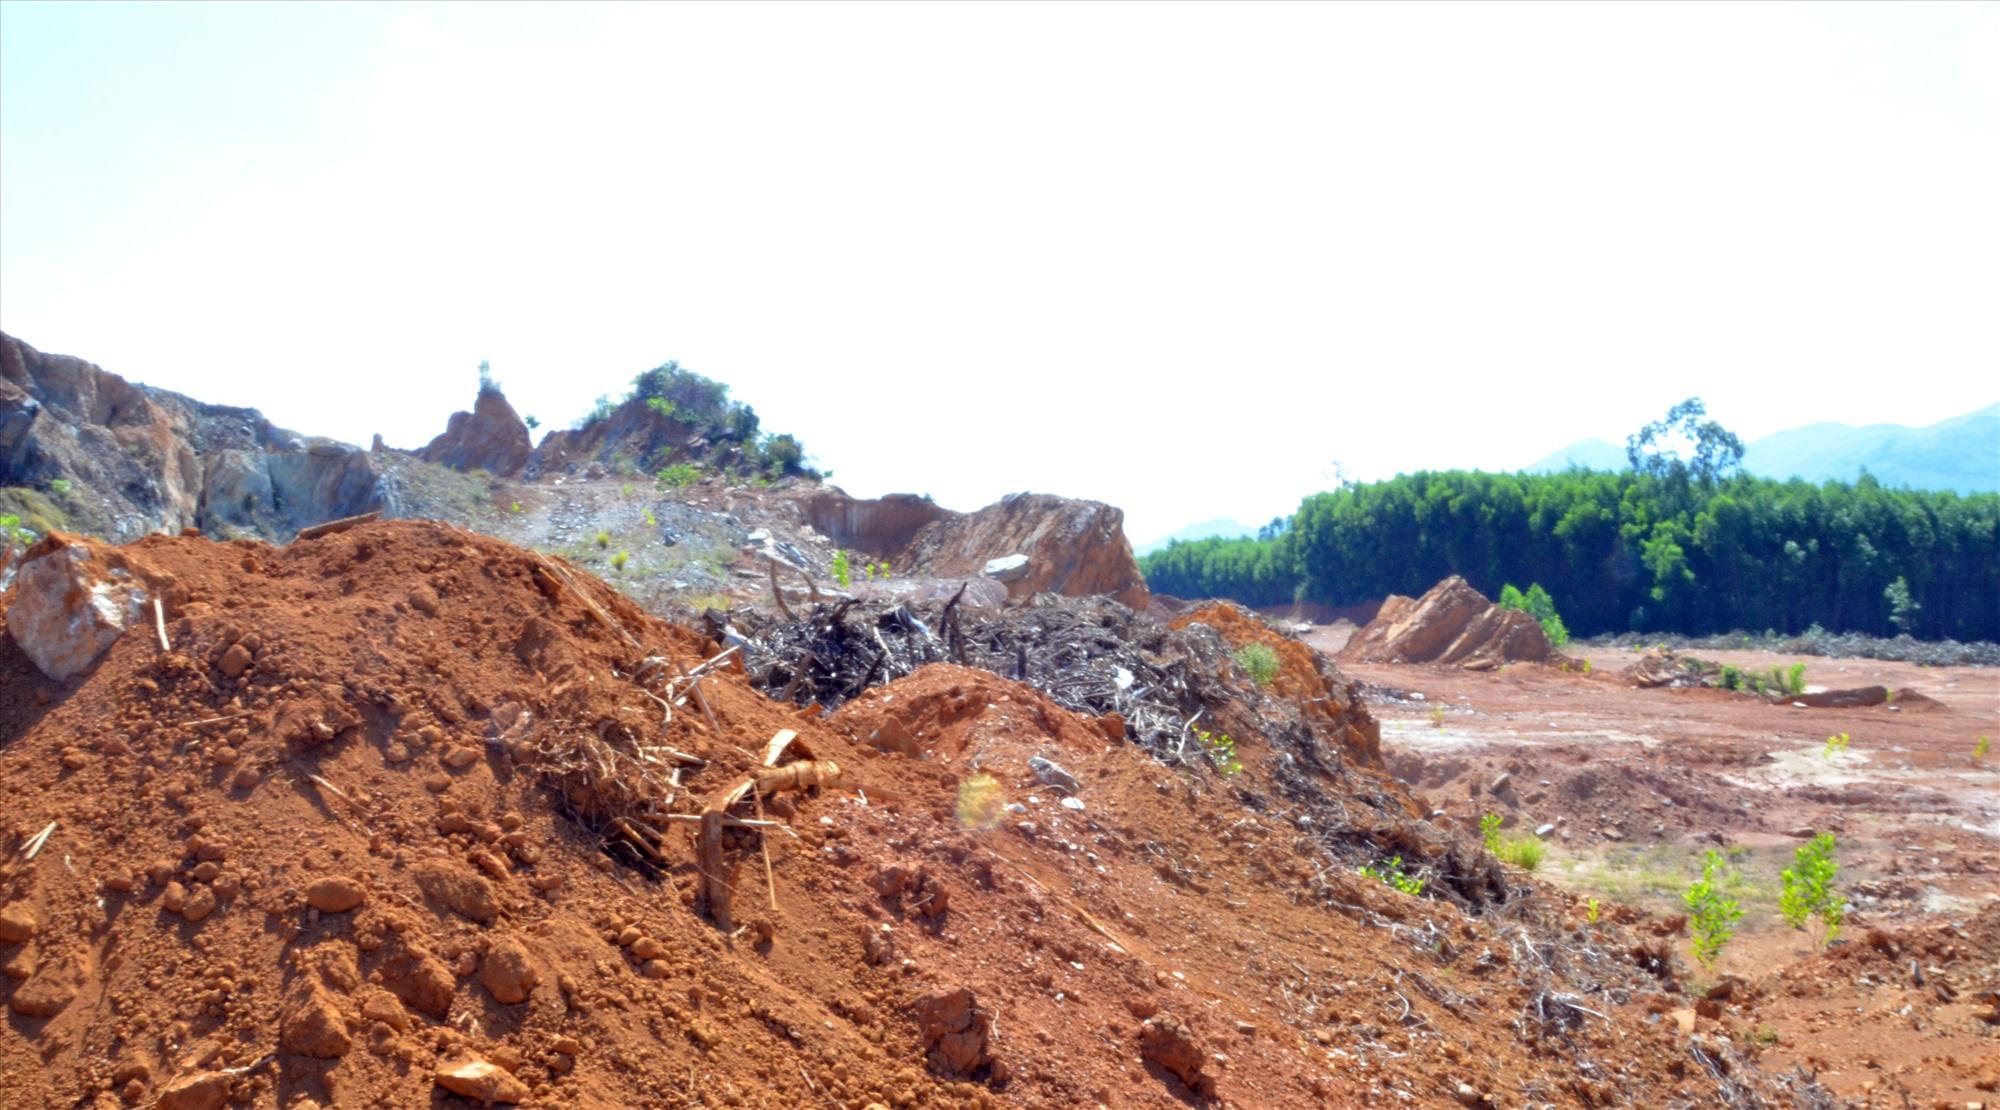 Mặt bằng Cụm công nghiệp Tam Mỹ Tây sau nhiều năm phê duyệt vẫn chỉ là khu vực đồi đá nham nhở. Ảnh: H.P